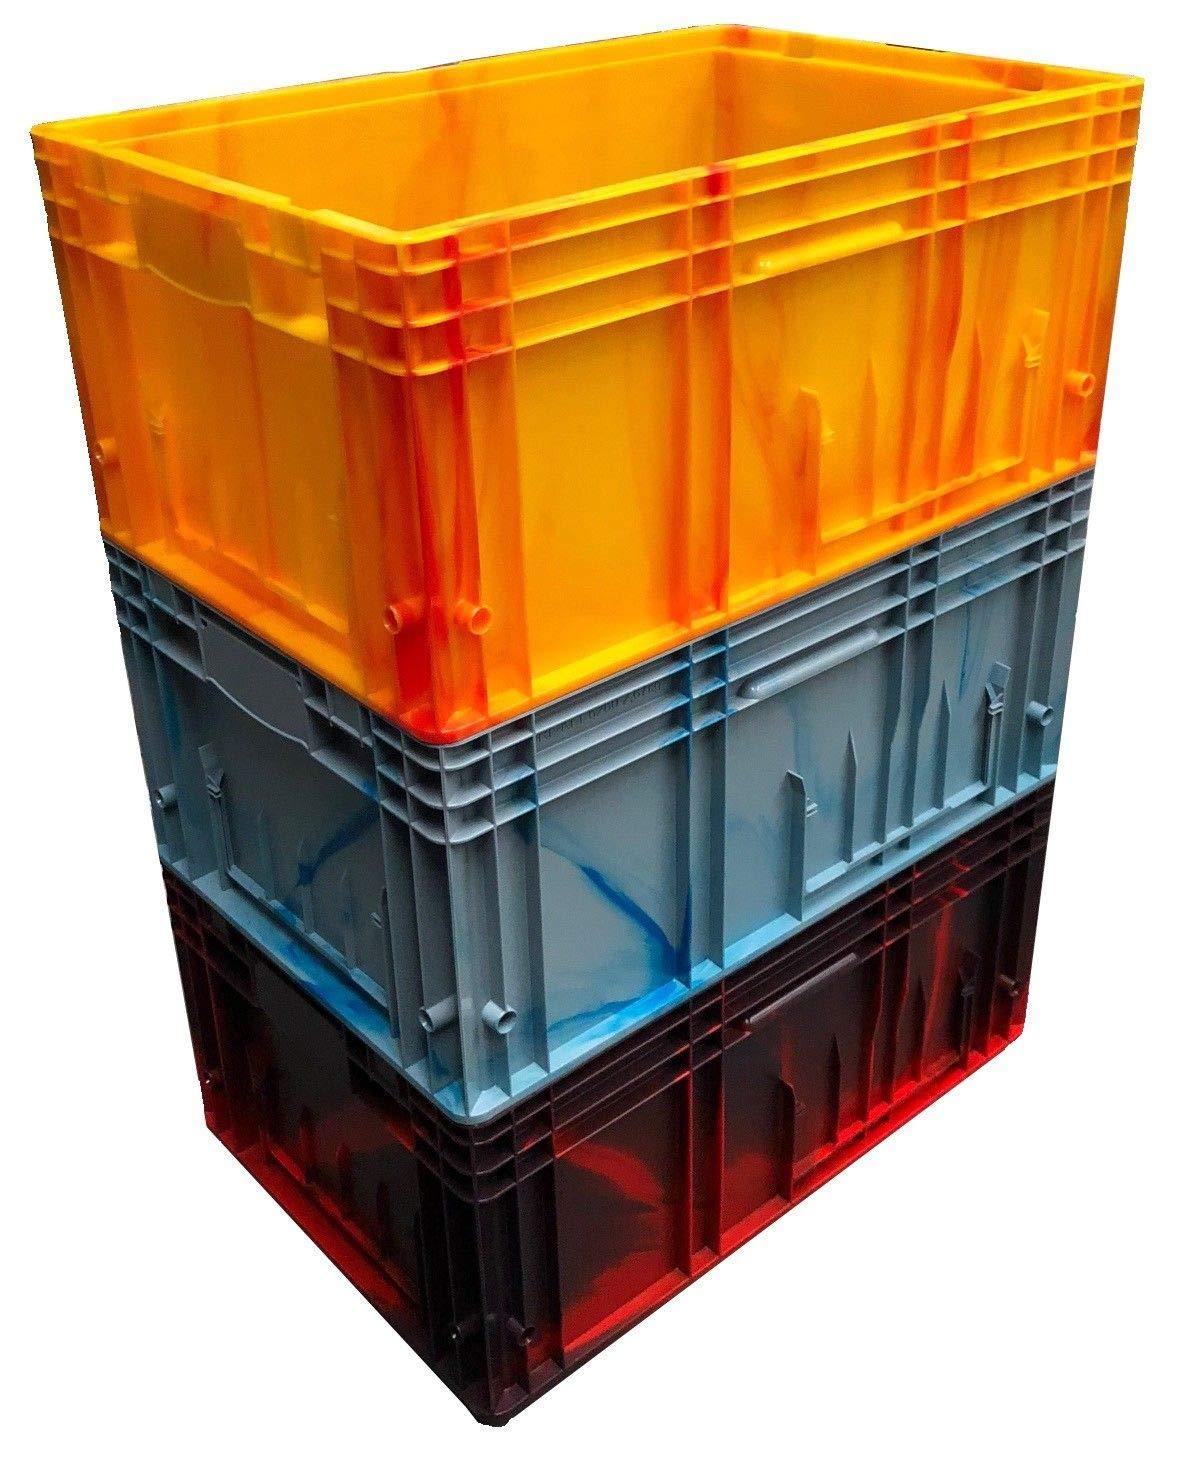 3 x 52 Liter Heavy Duty Euro Kunststoff Stapelbare Industrie-KLT Aufbewahrungsboxen (3 Stü ck), Schwarz, 3 Auer Packaging BKLT6280